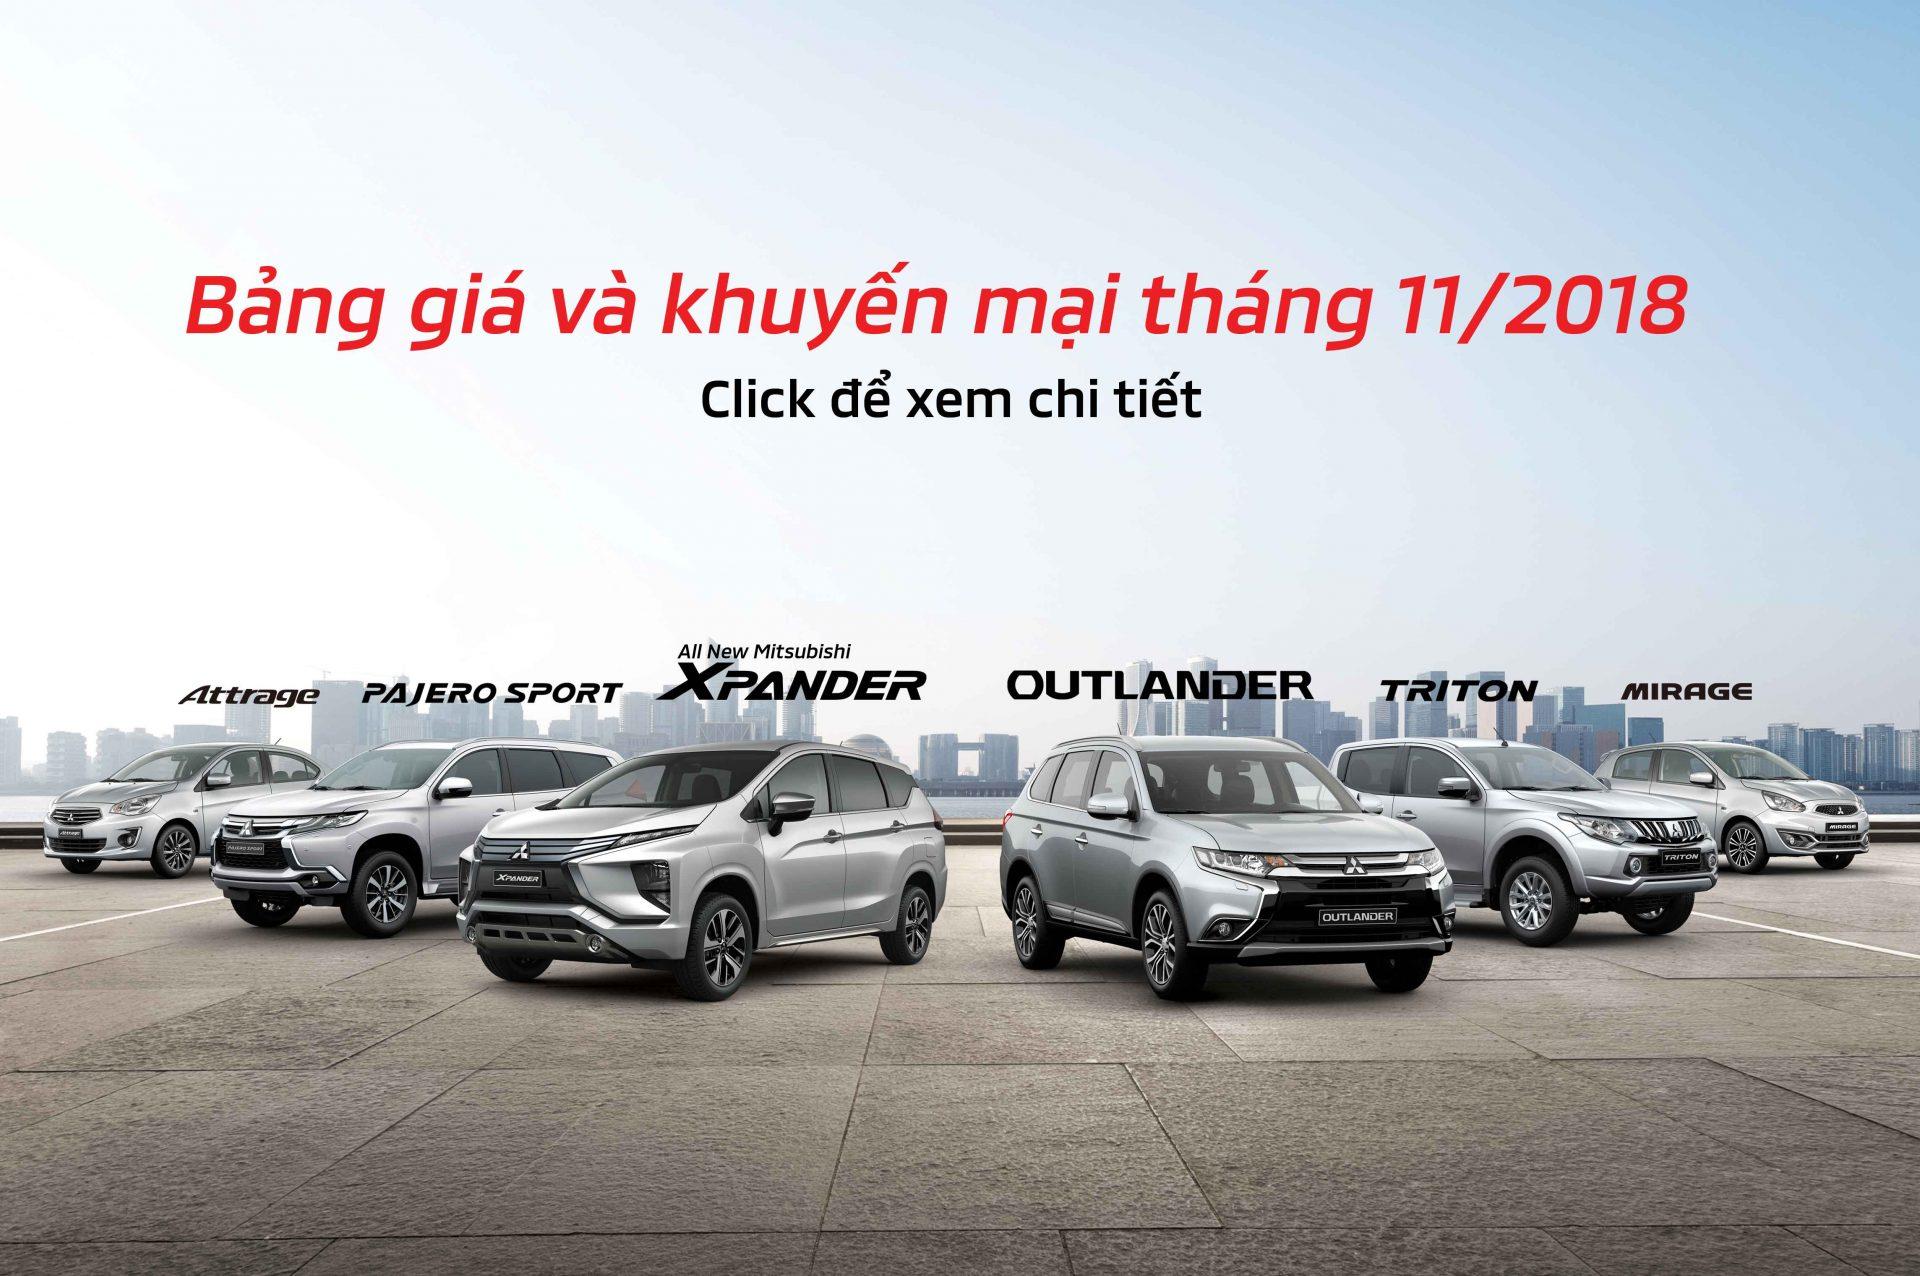 Bảng giá xe Mitsubishi tháng 11/2018